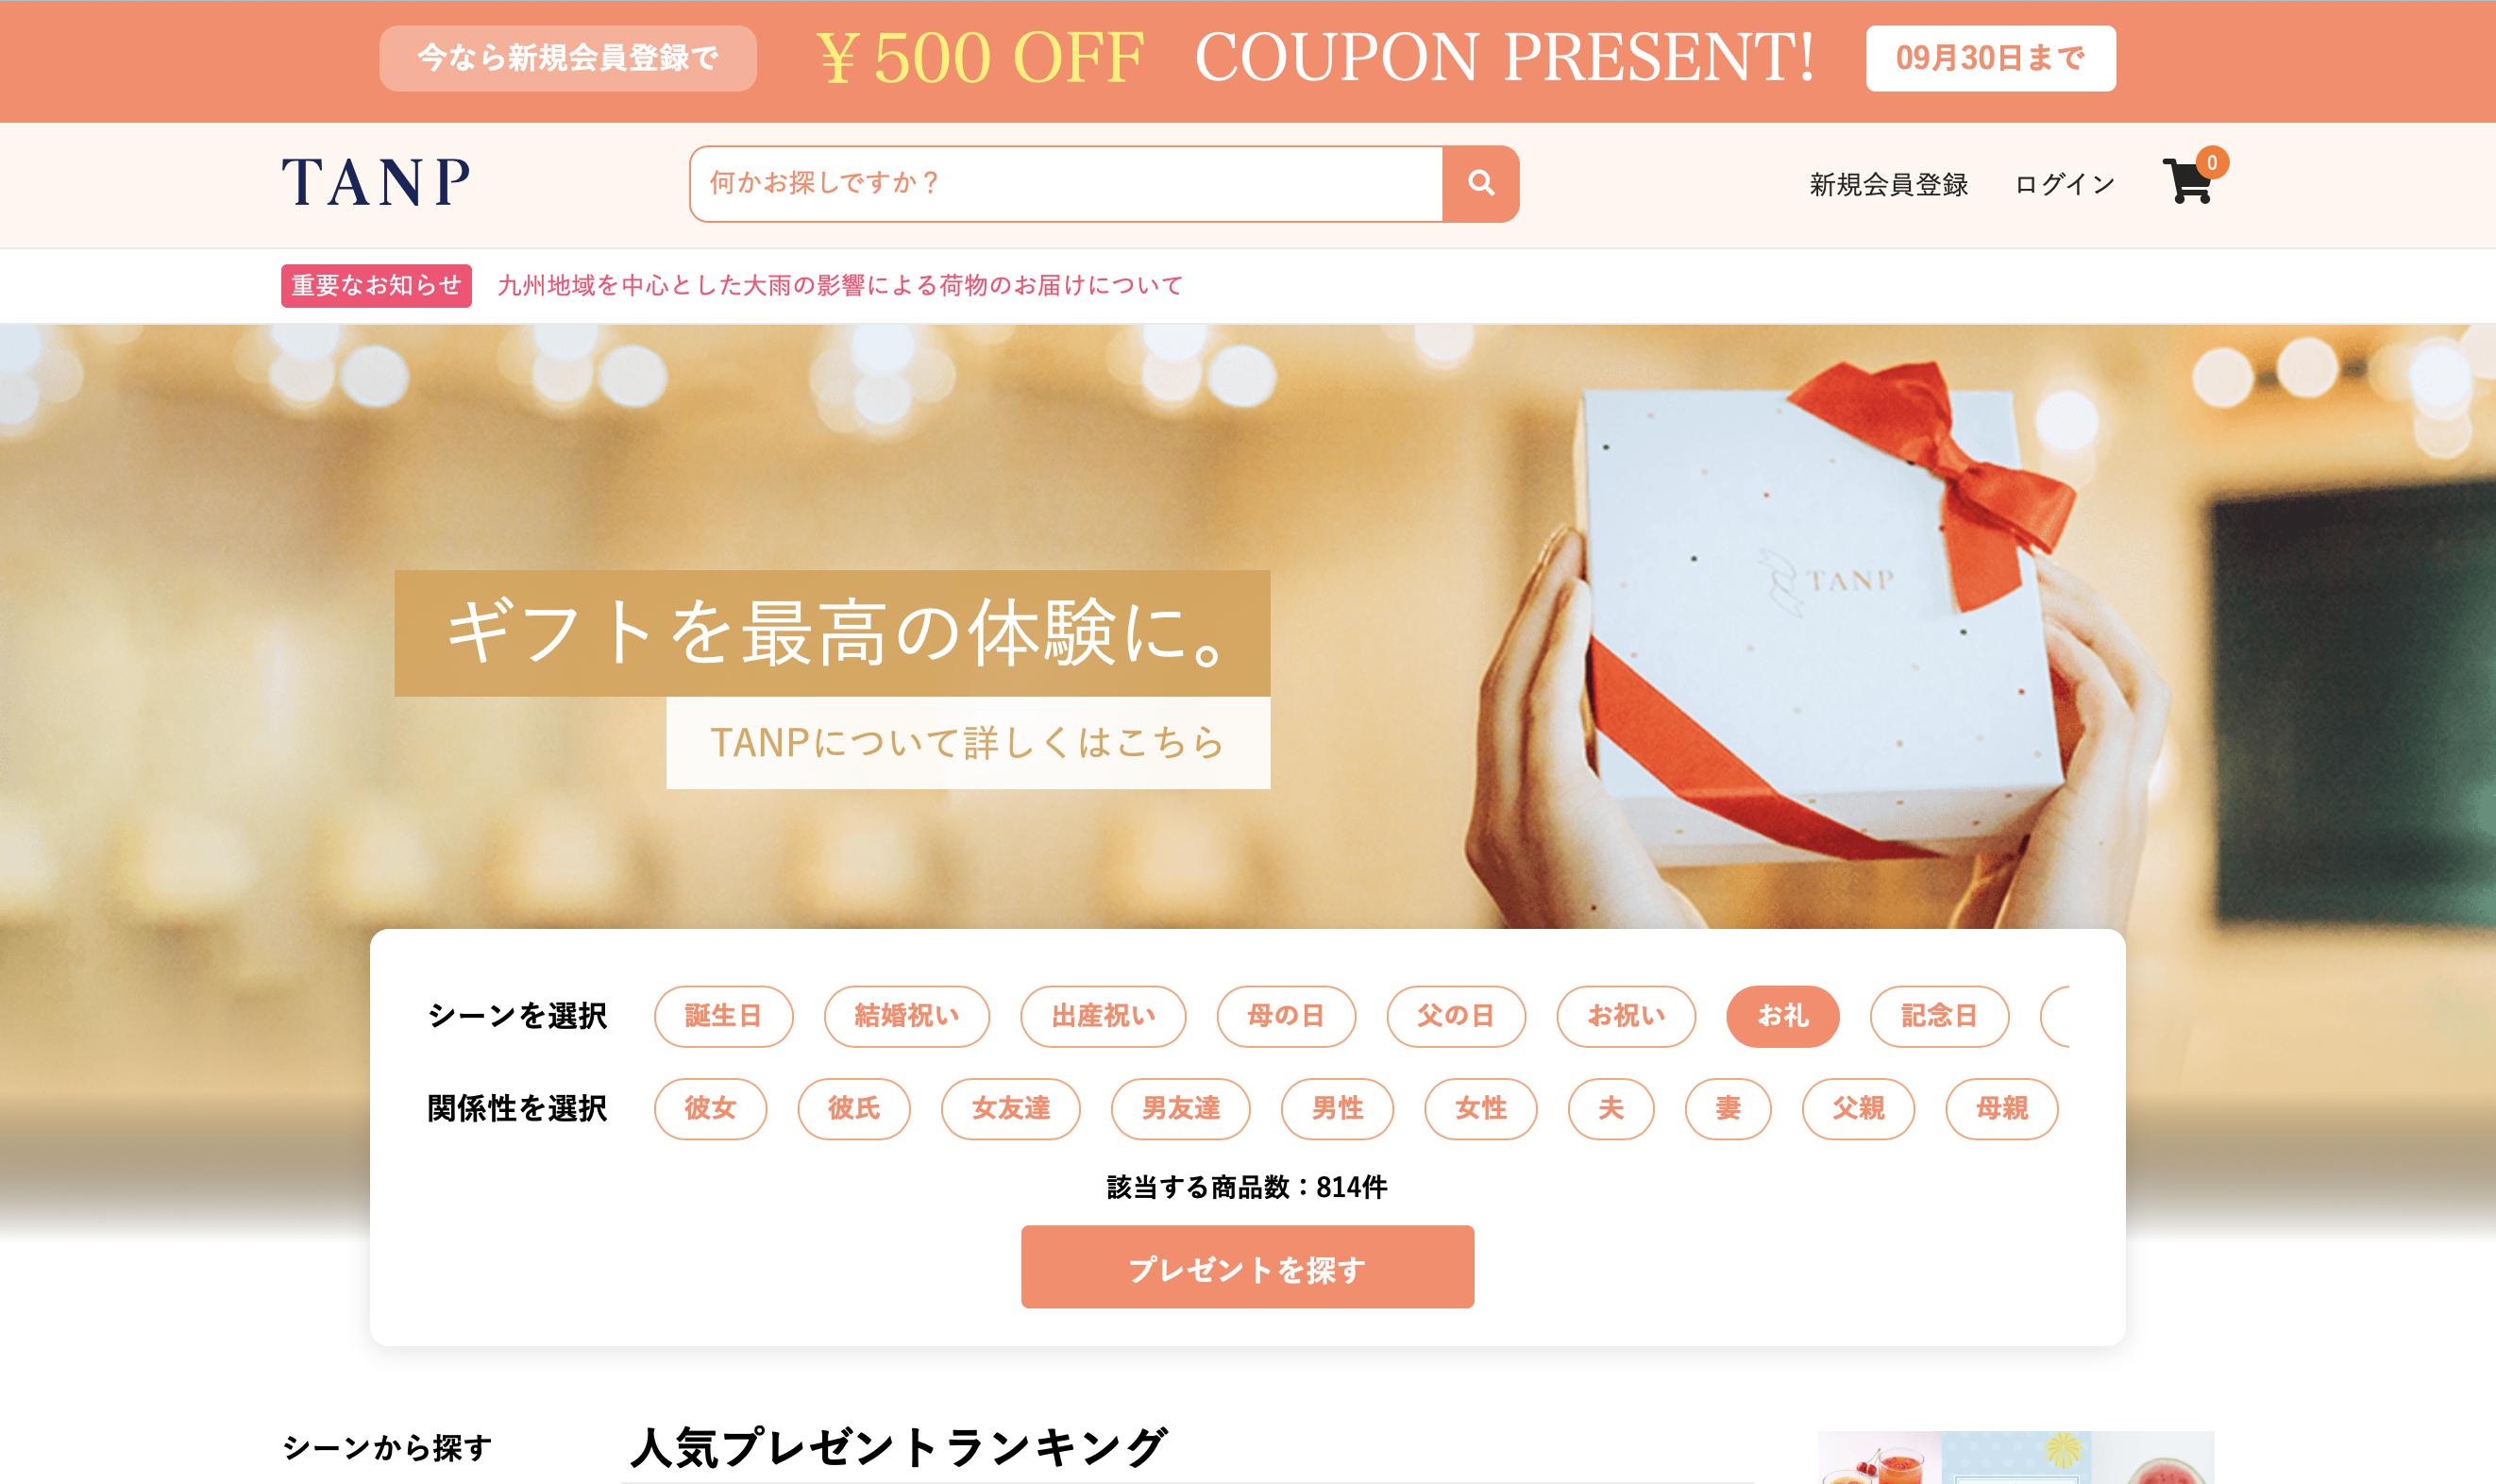 贈り物にさらなる付加価値を付けるギフトサイト「TANP」